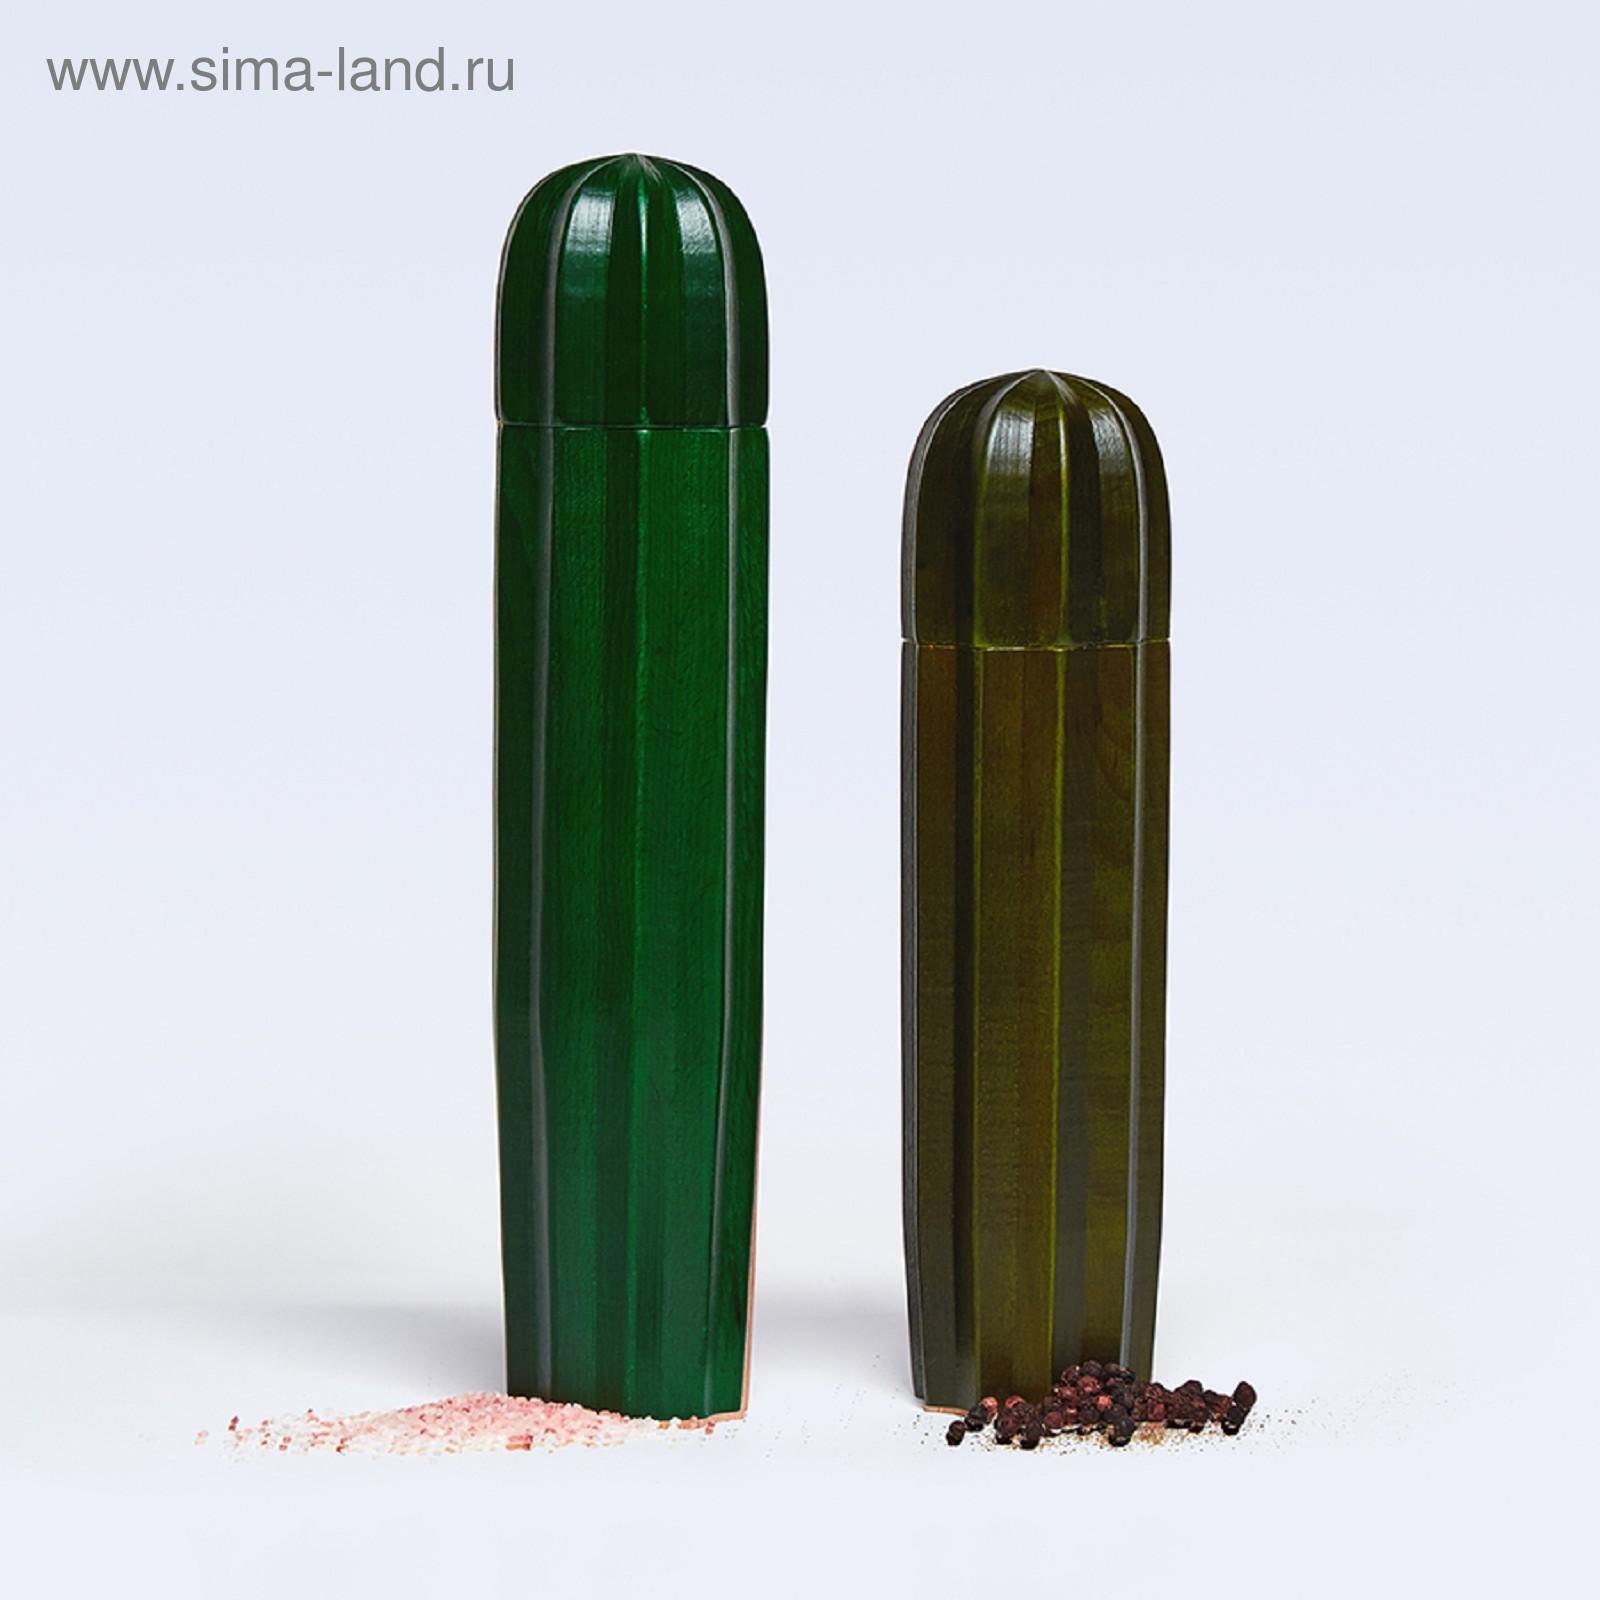 мельницы деревянные для соли и перца Cacti 4636509